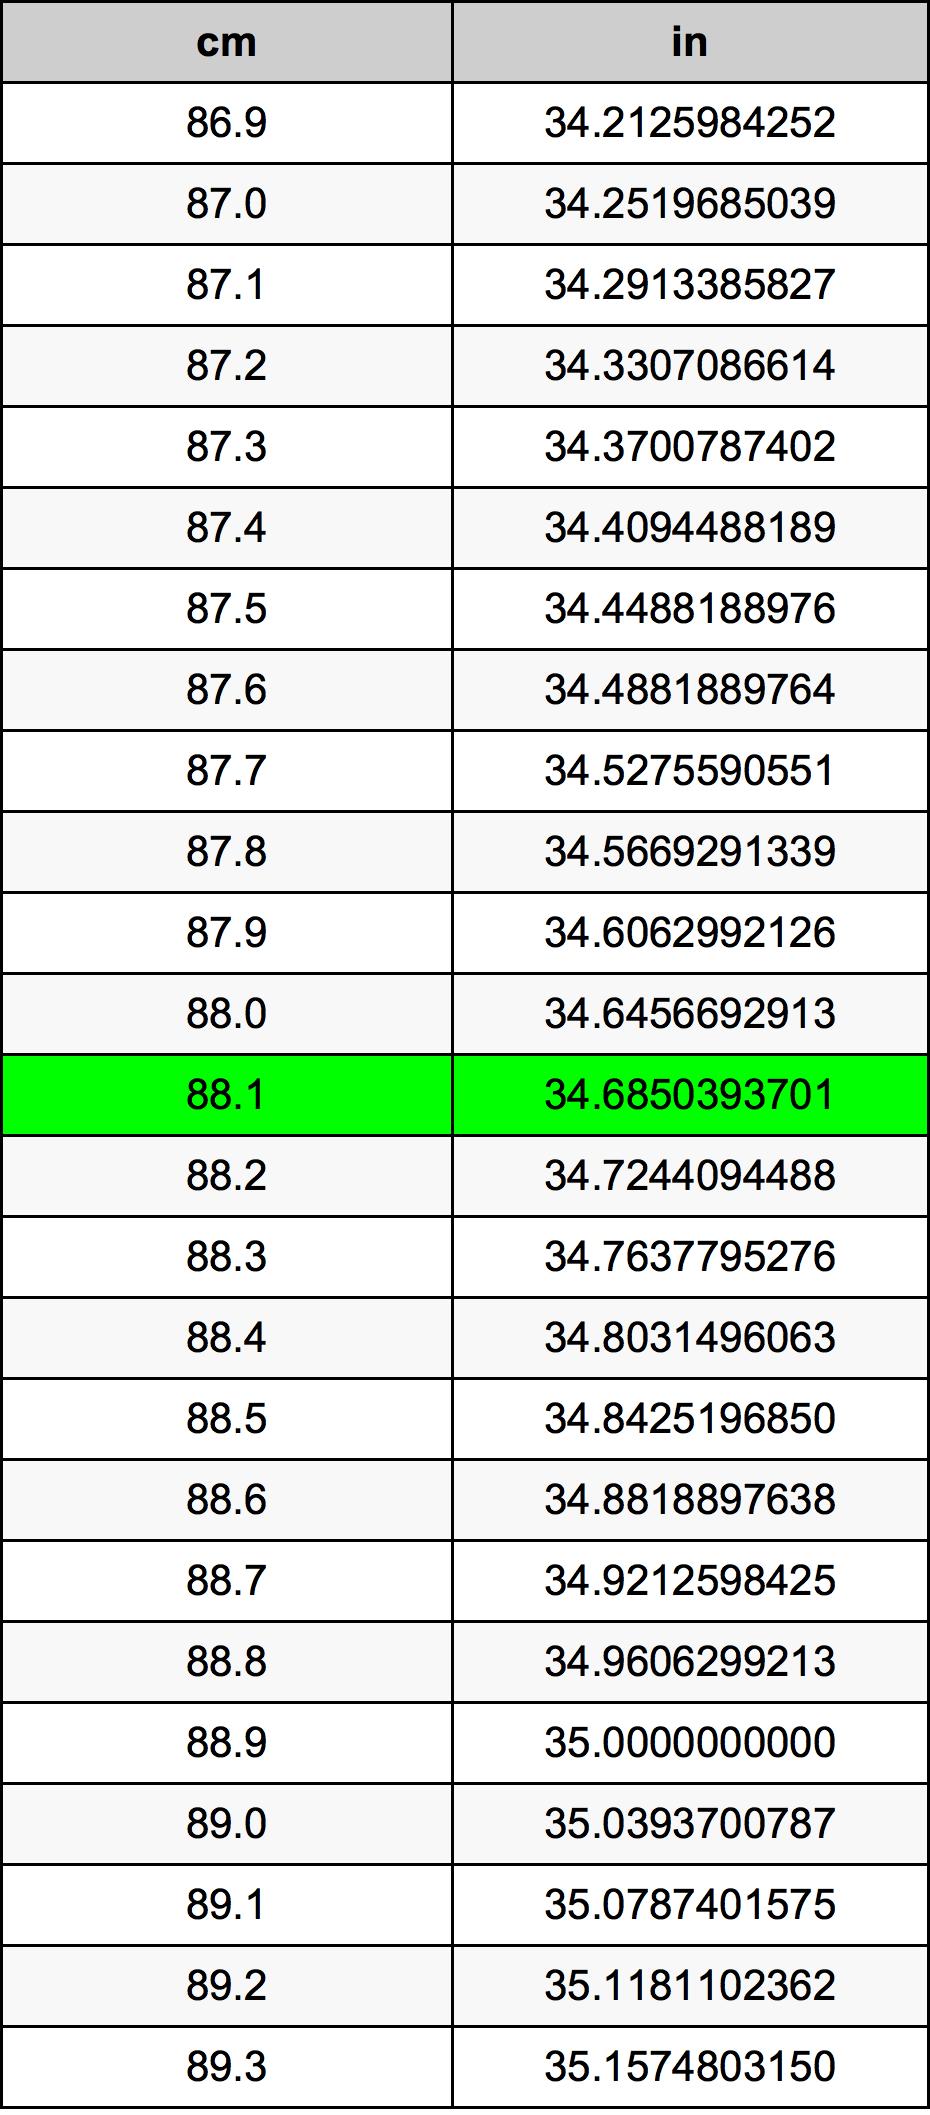 88.1 Centymetr tabela przeliczeniowa